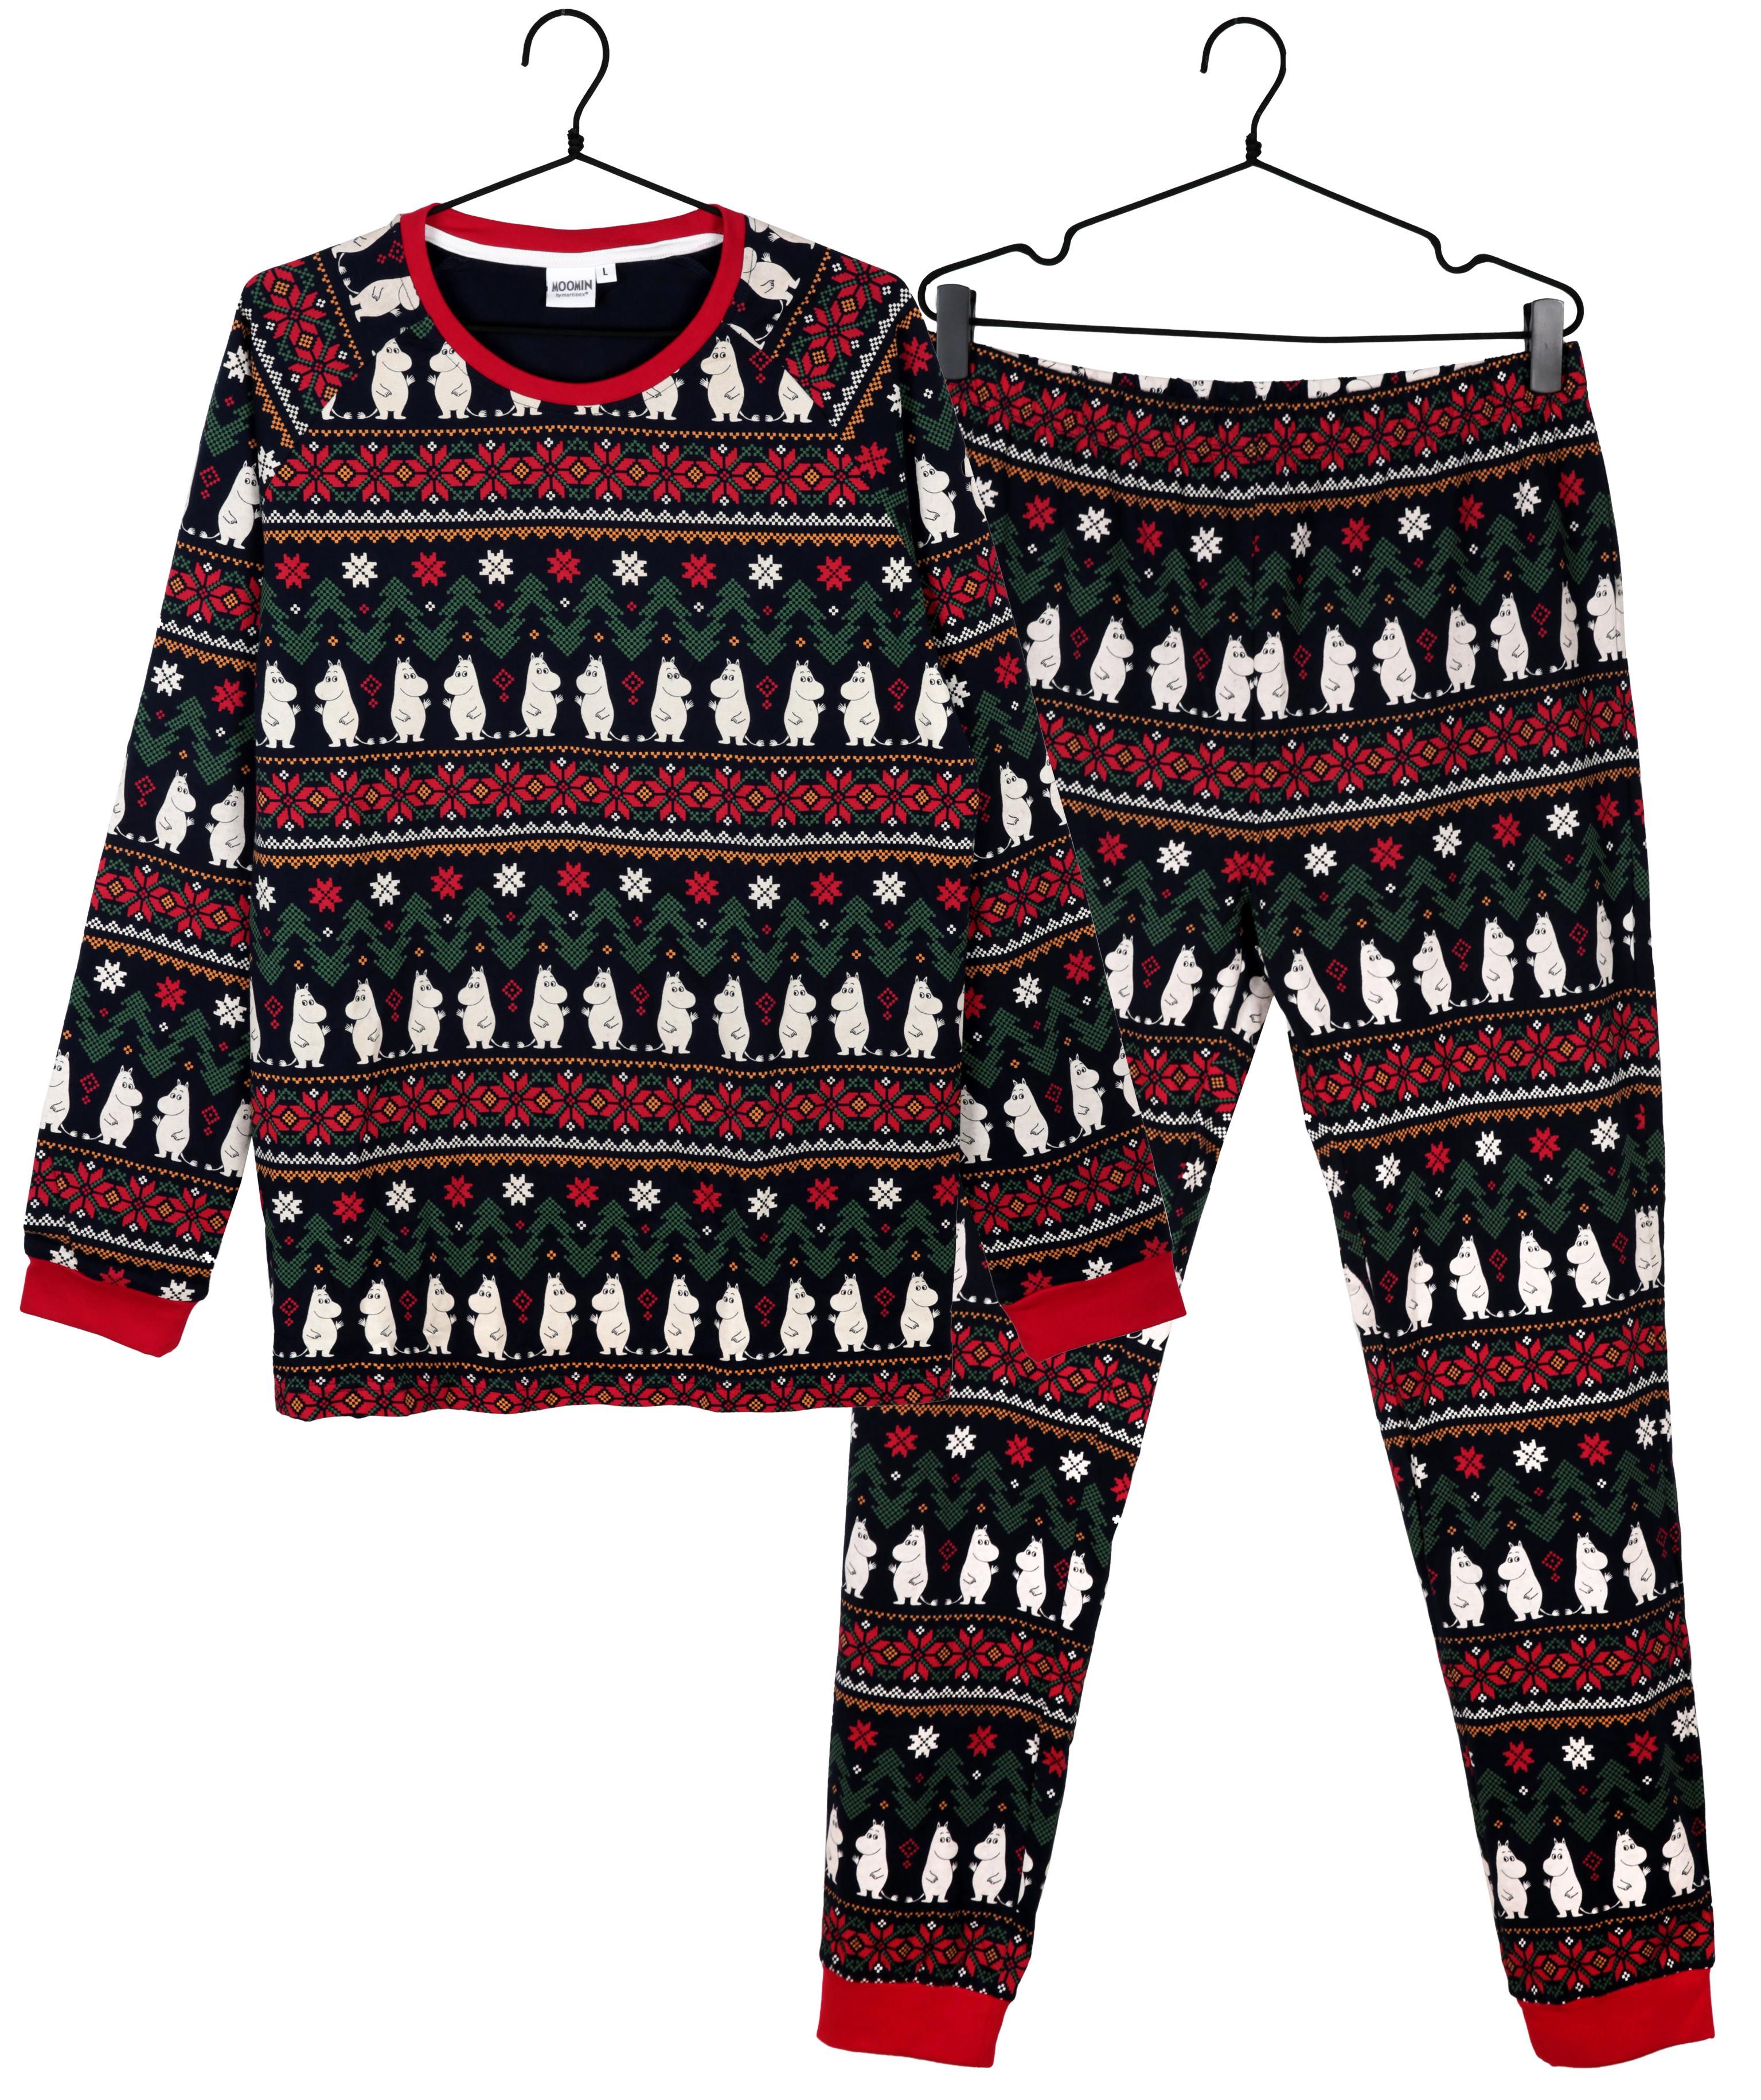 Martinex Noël 2-Piece Pyjamas